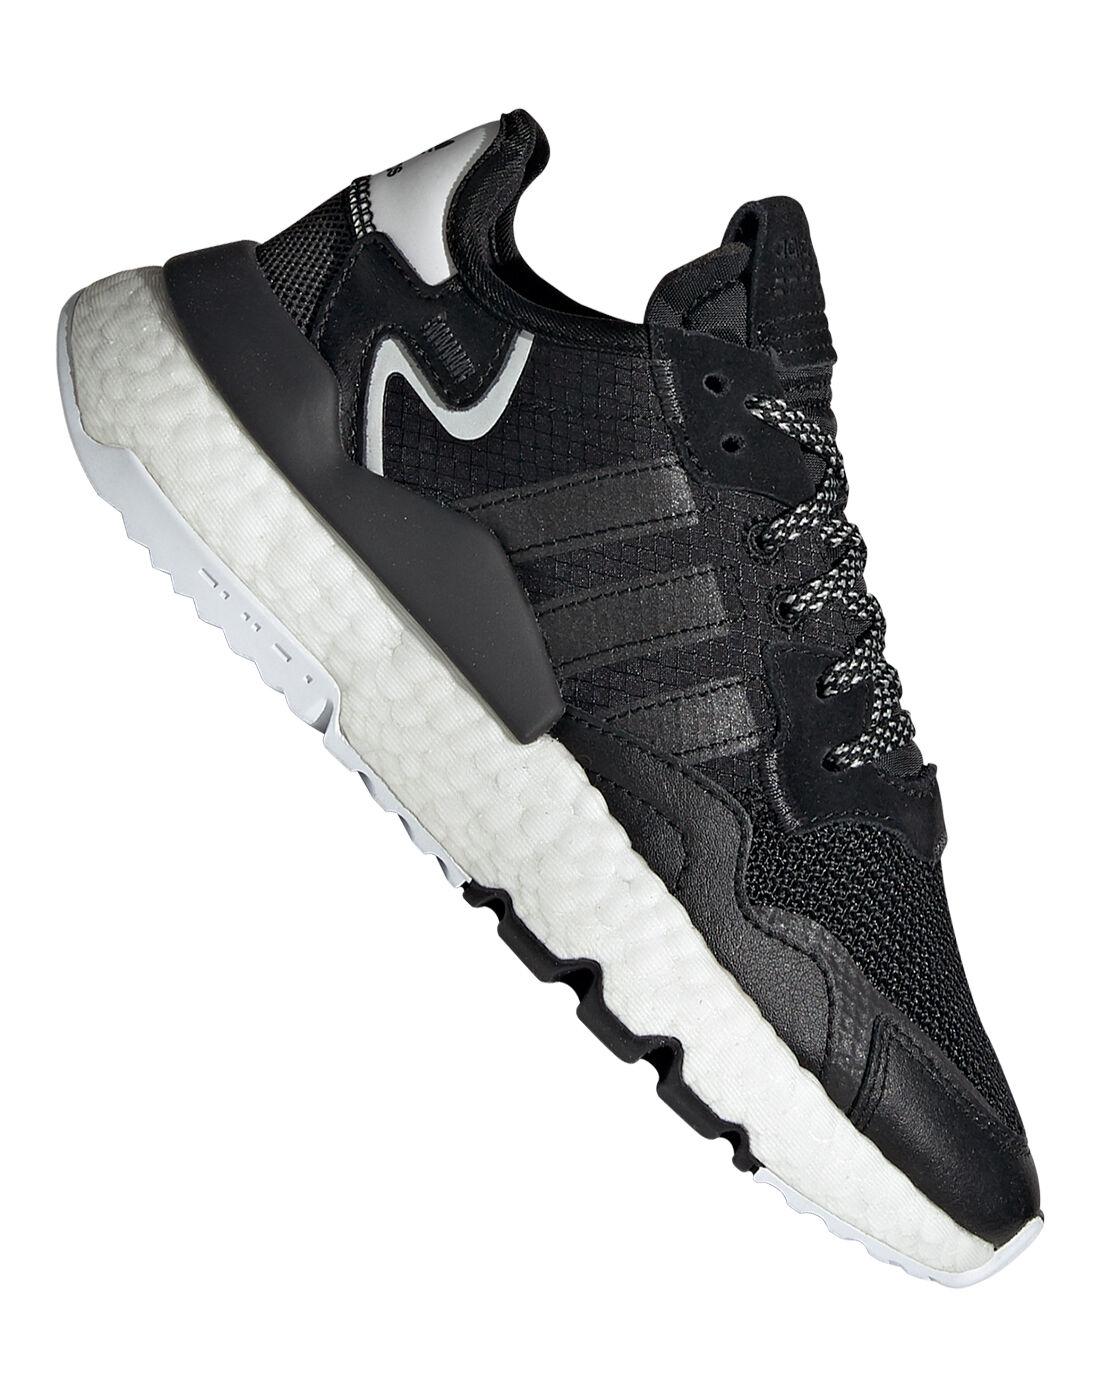 Adidas Nite Jogger | Homme Adidas Originals Nite Jogger